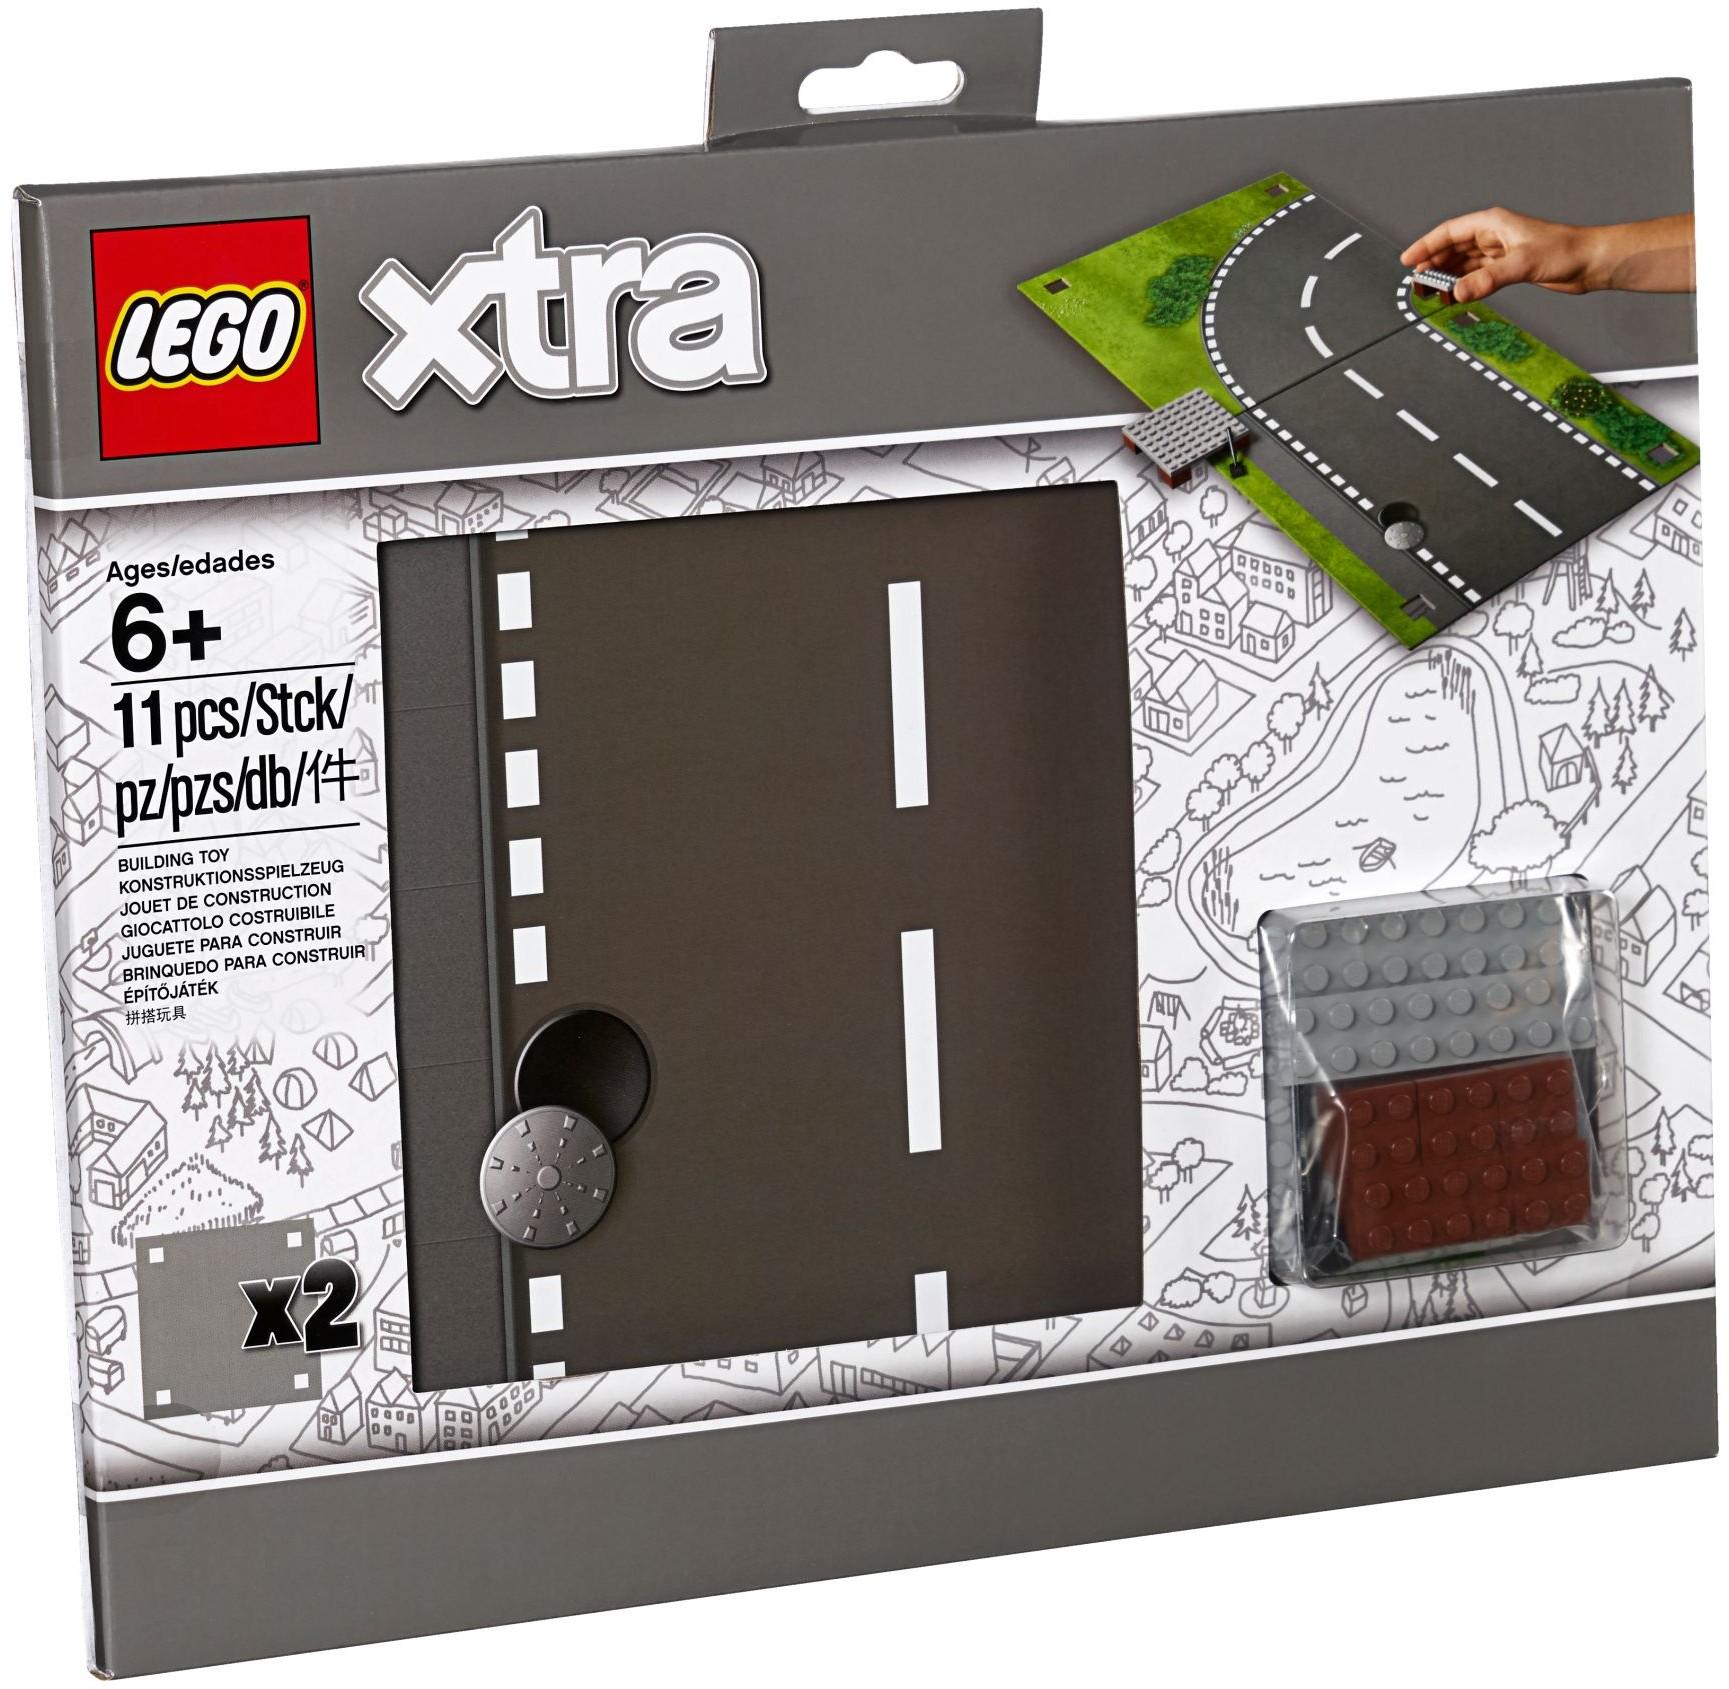 Xtra | Brickset: LEGO set guide and database